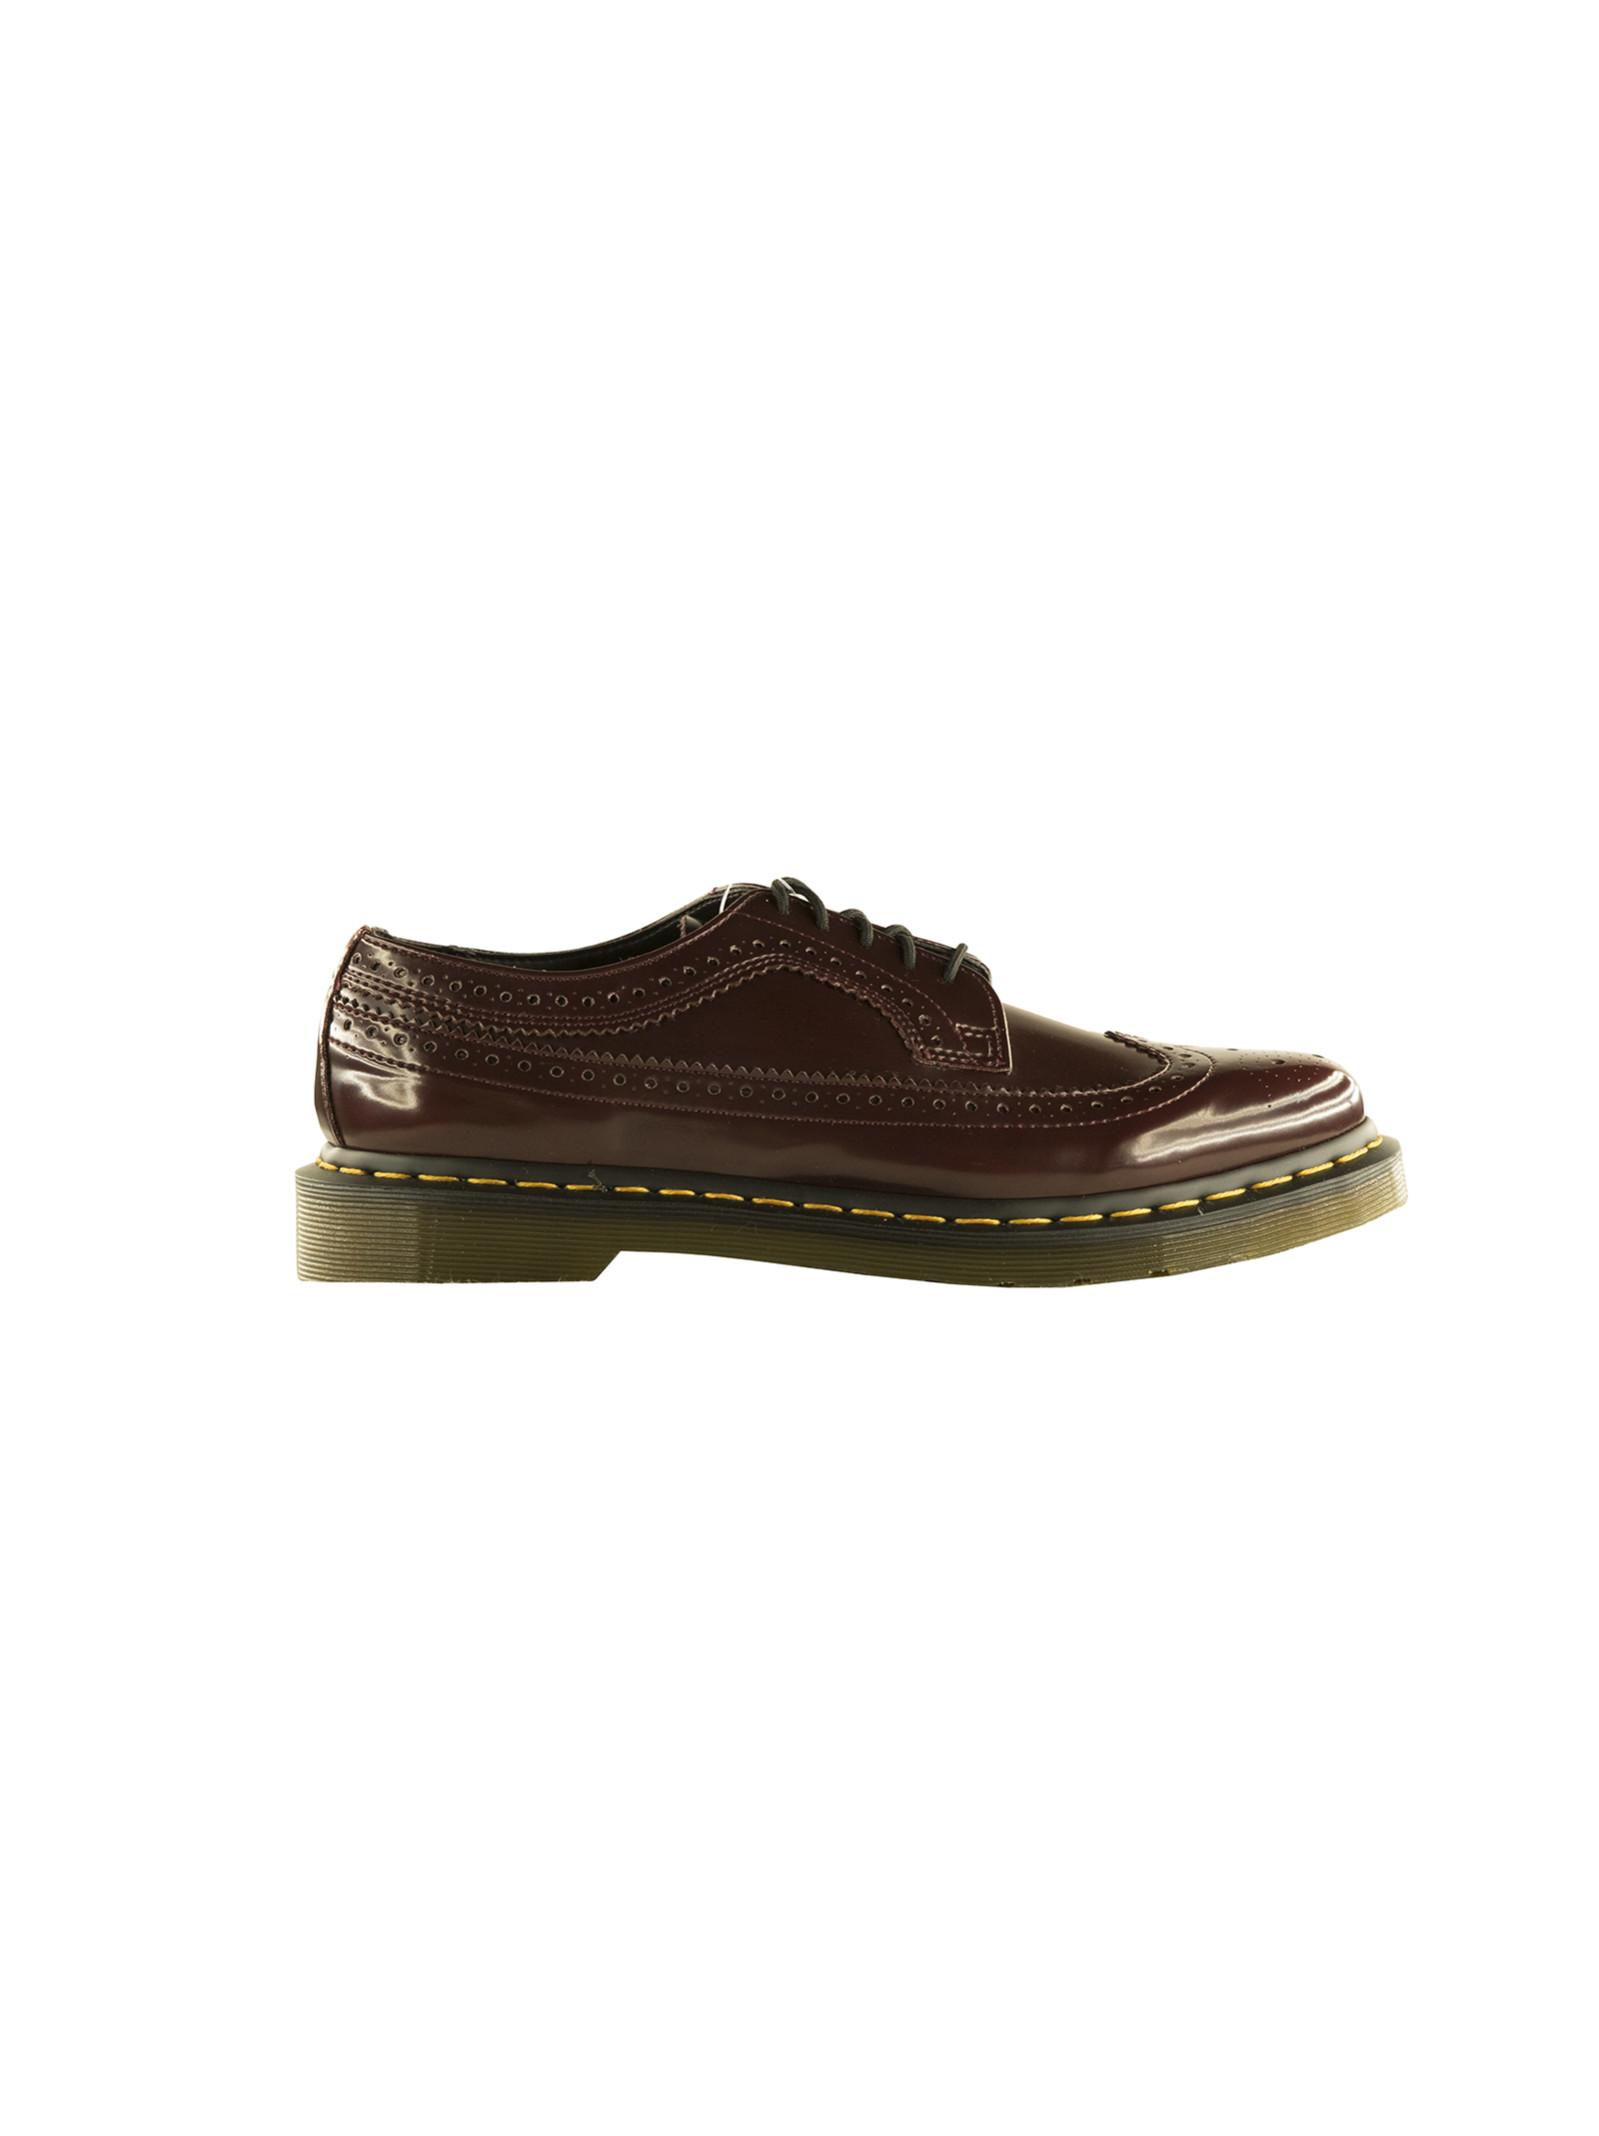 dr martens female dr martens ridged sole laceup shoes